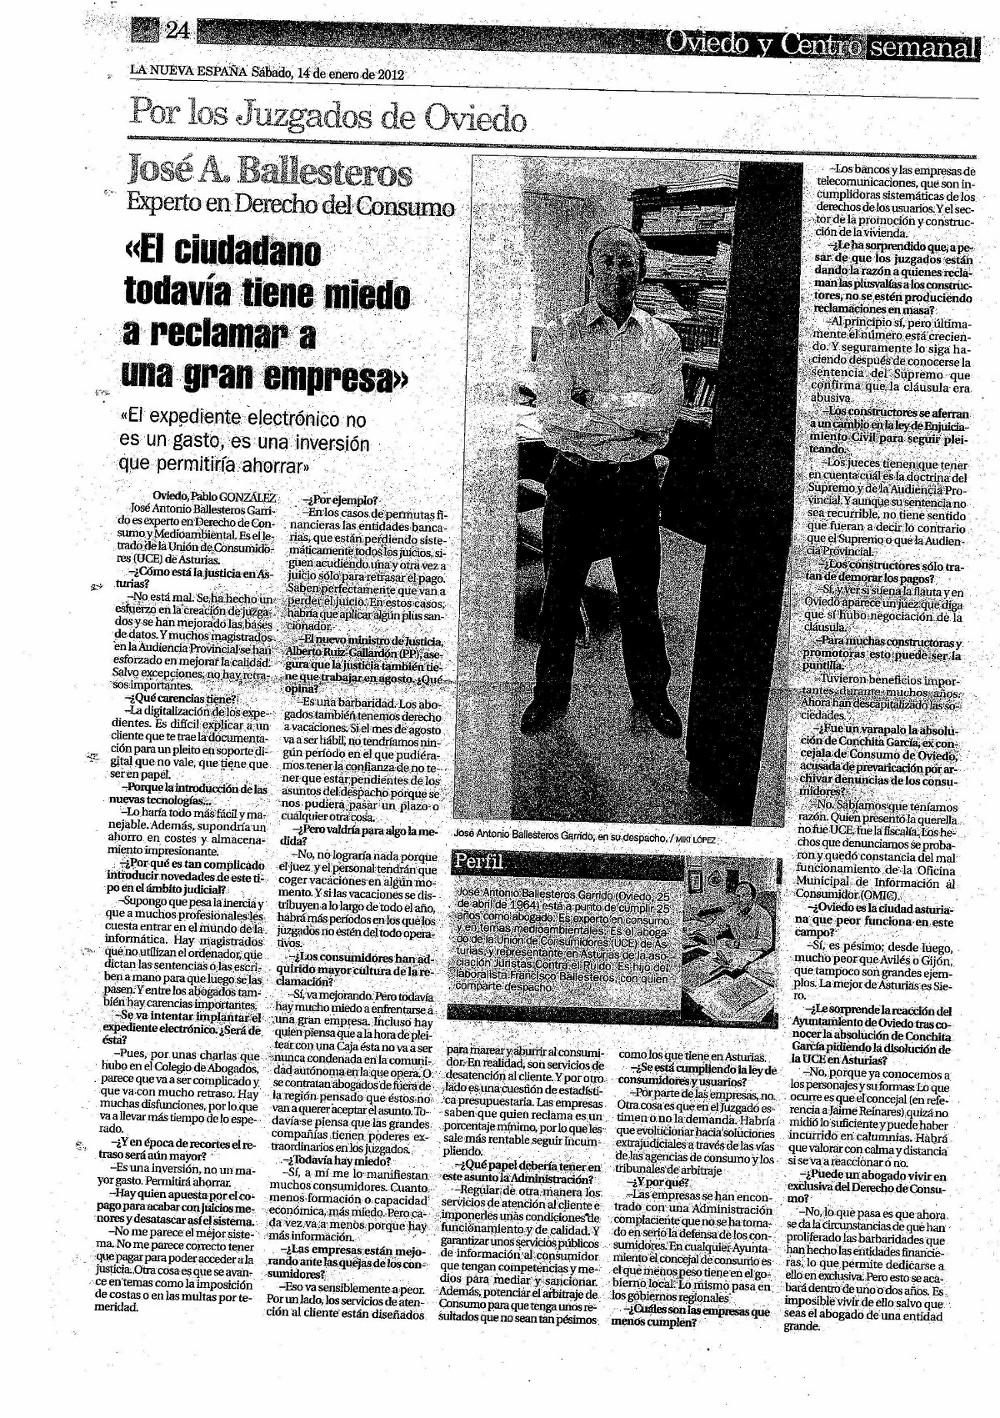 Entrevista José Antonio Ballesteros